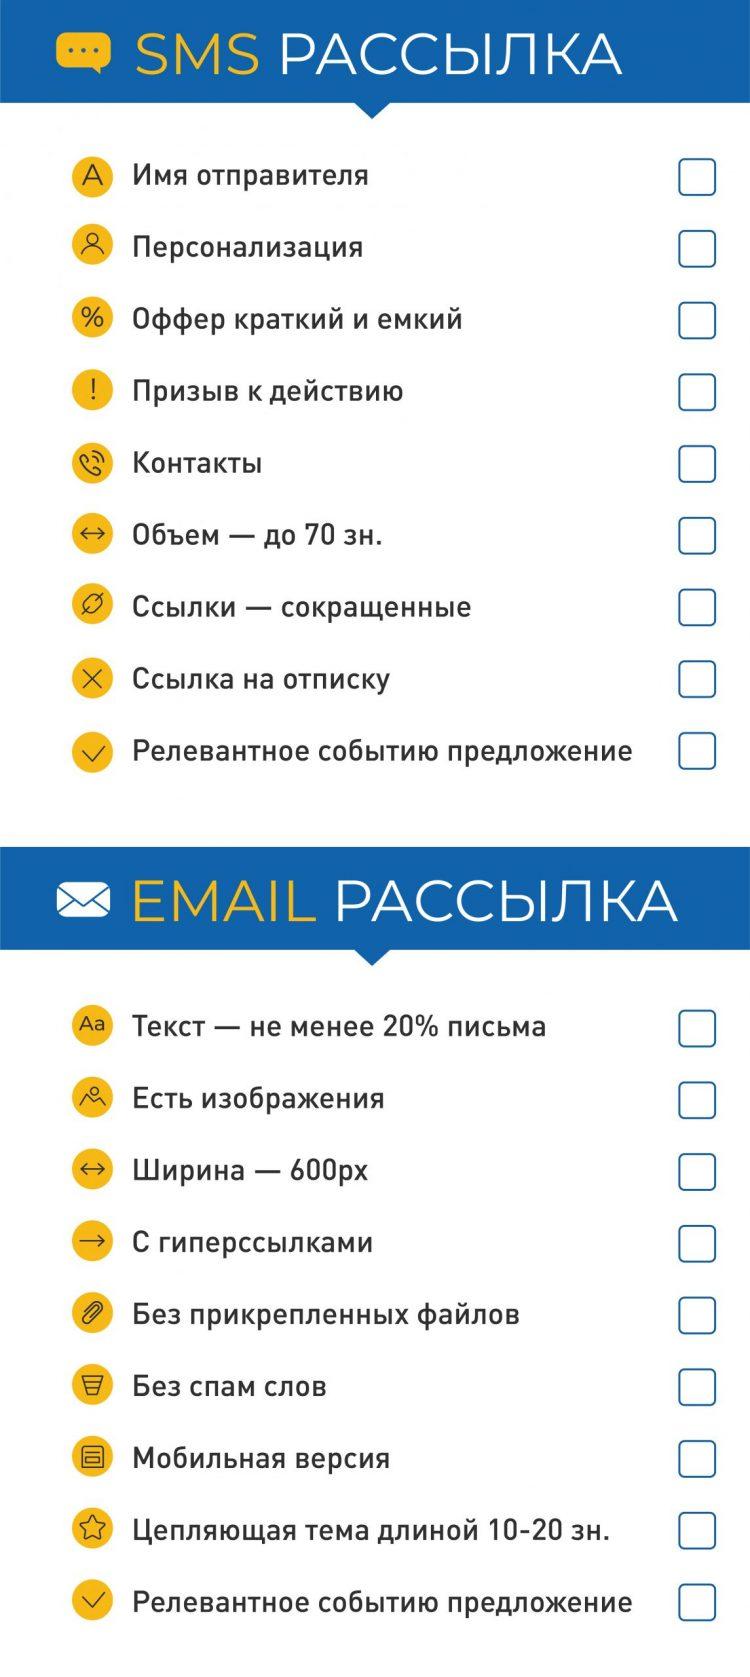 Чек-лист проверки праздничной рассылки